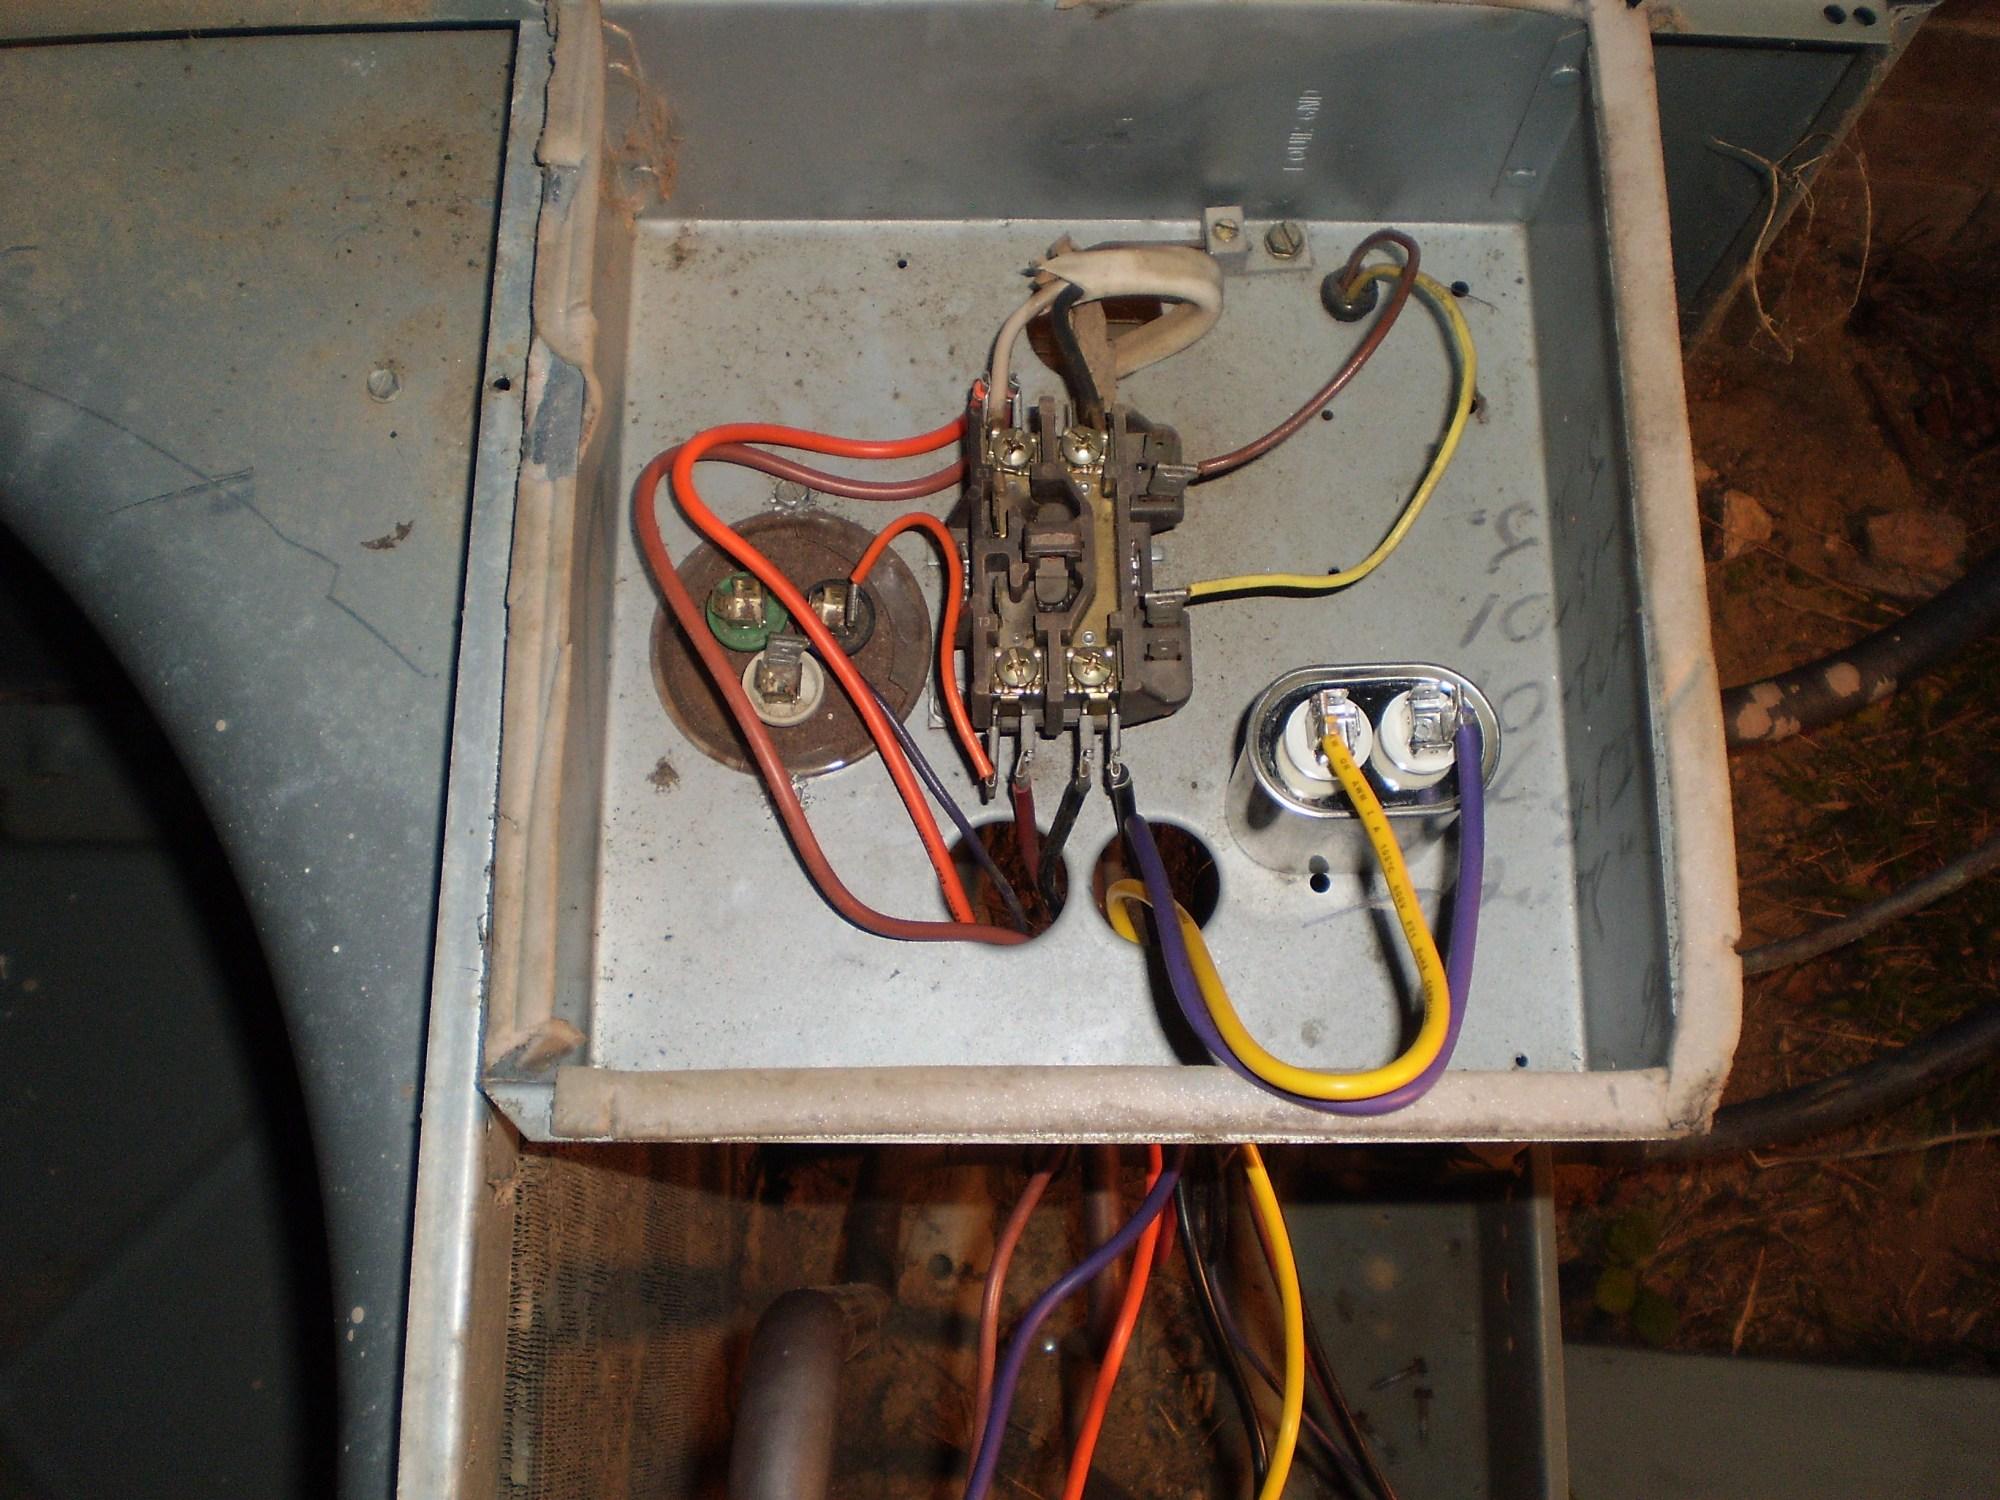 hight resolution of ac condenser fan motor wiring condenser fan motor wiring wiring diagram for condenser fan motor condenser